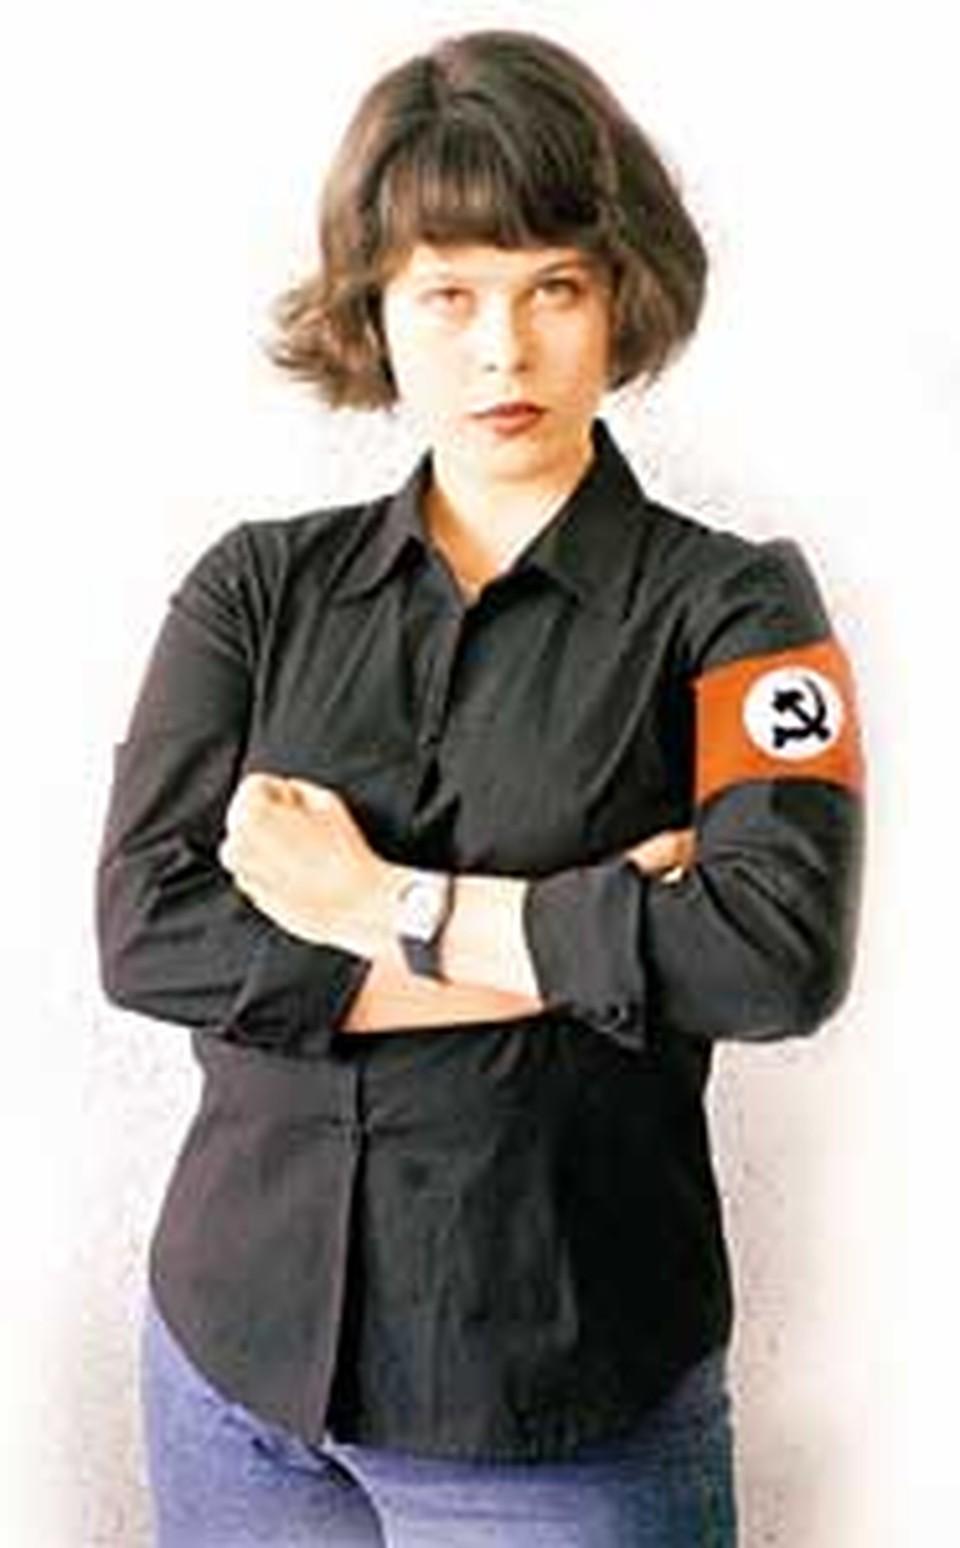 В 2002 году Ульяна Скойбеда «вступала» в НБП. Что она там делала? Практически ничего...